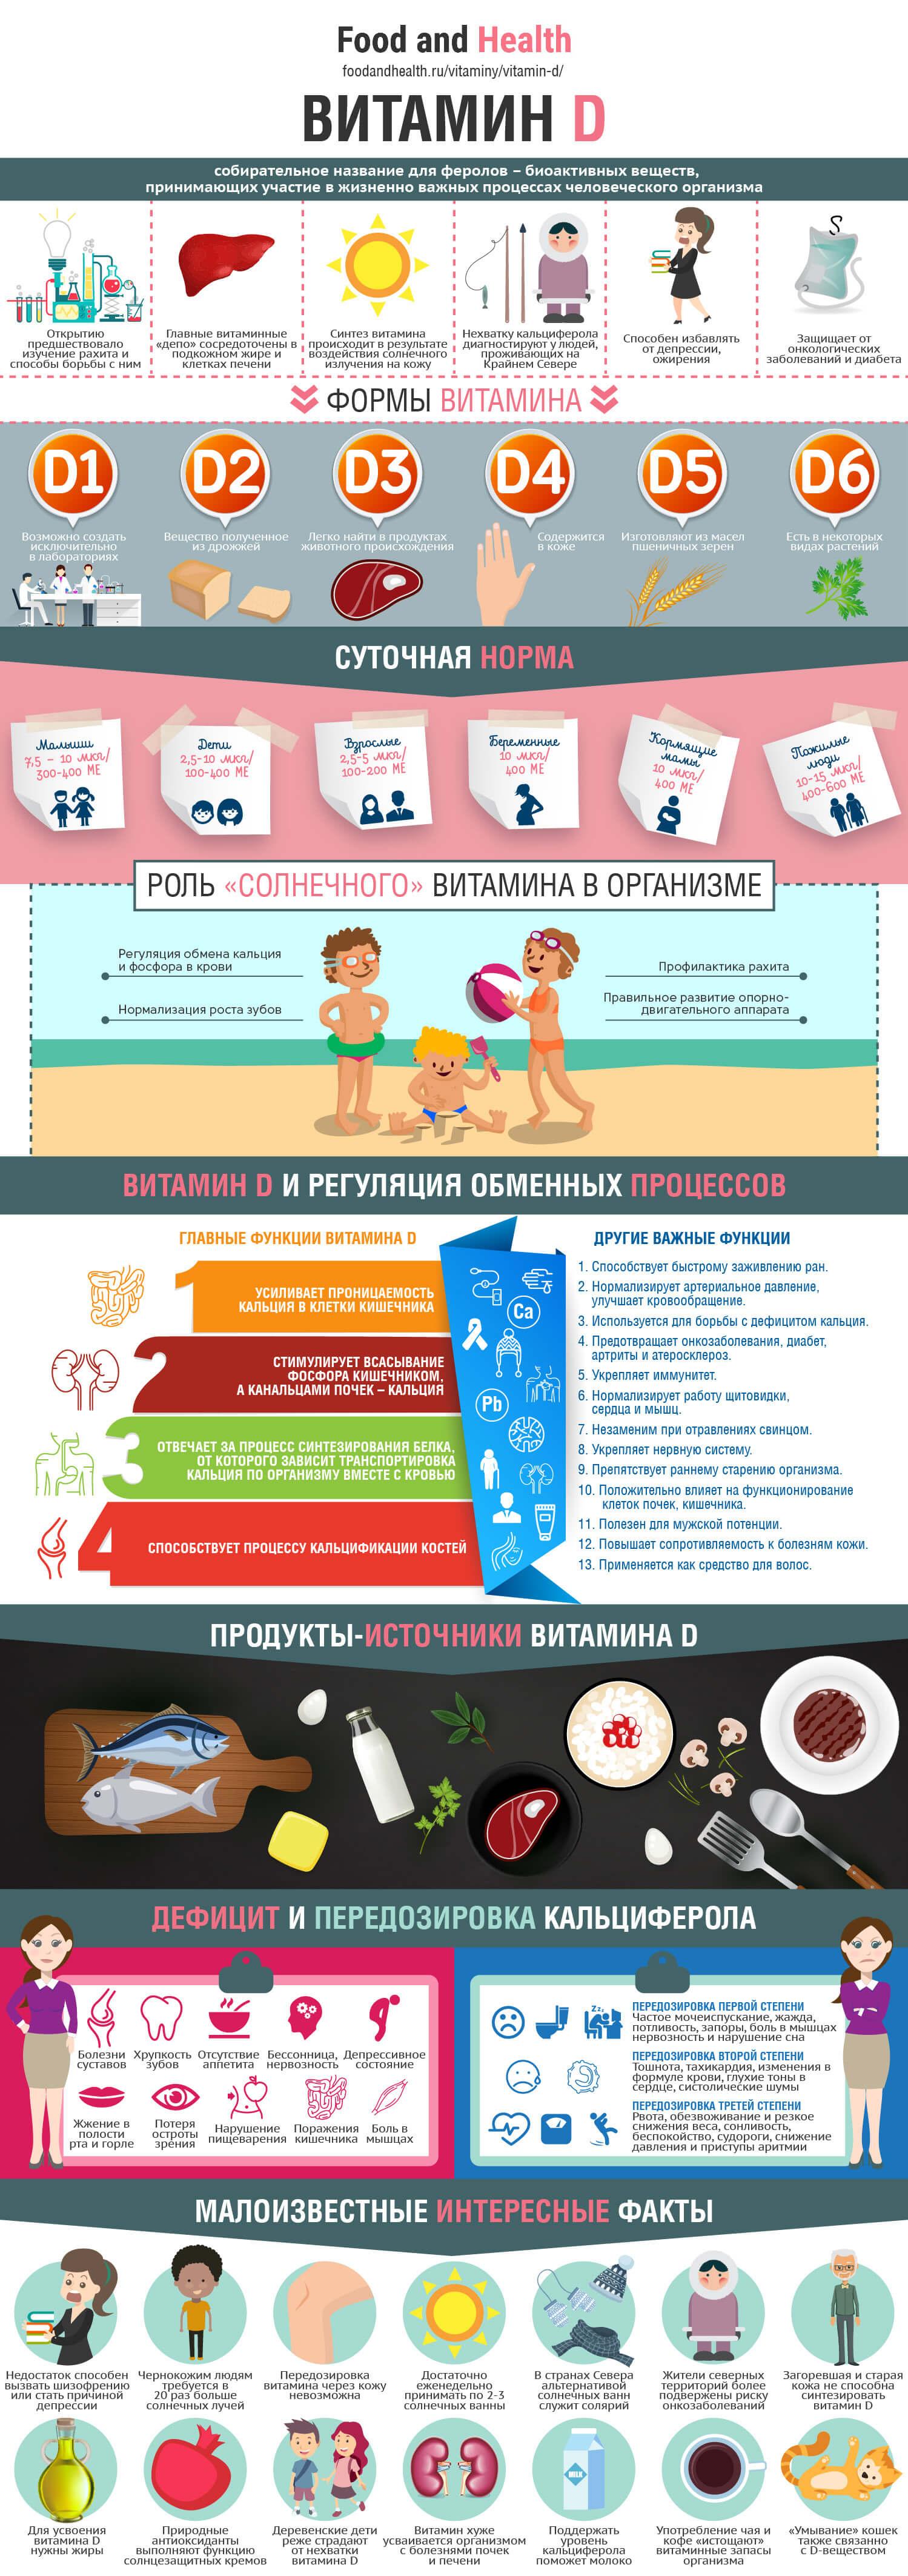 Витамин D: инфографика